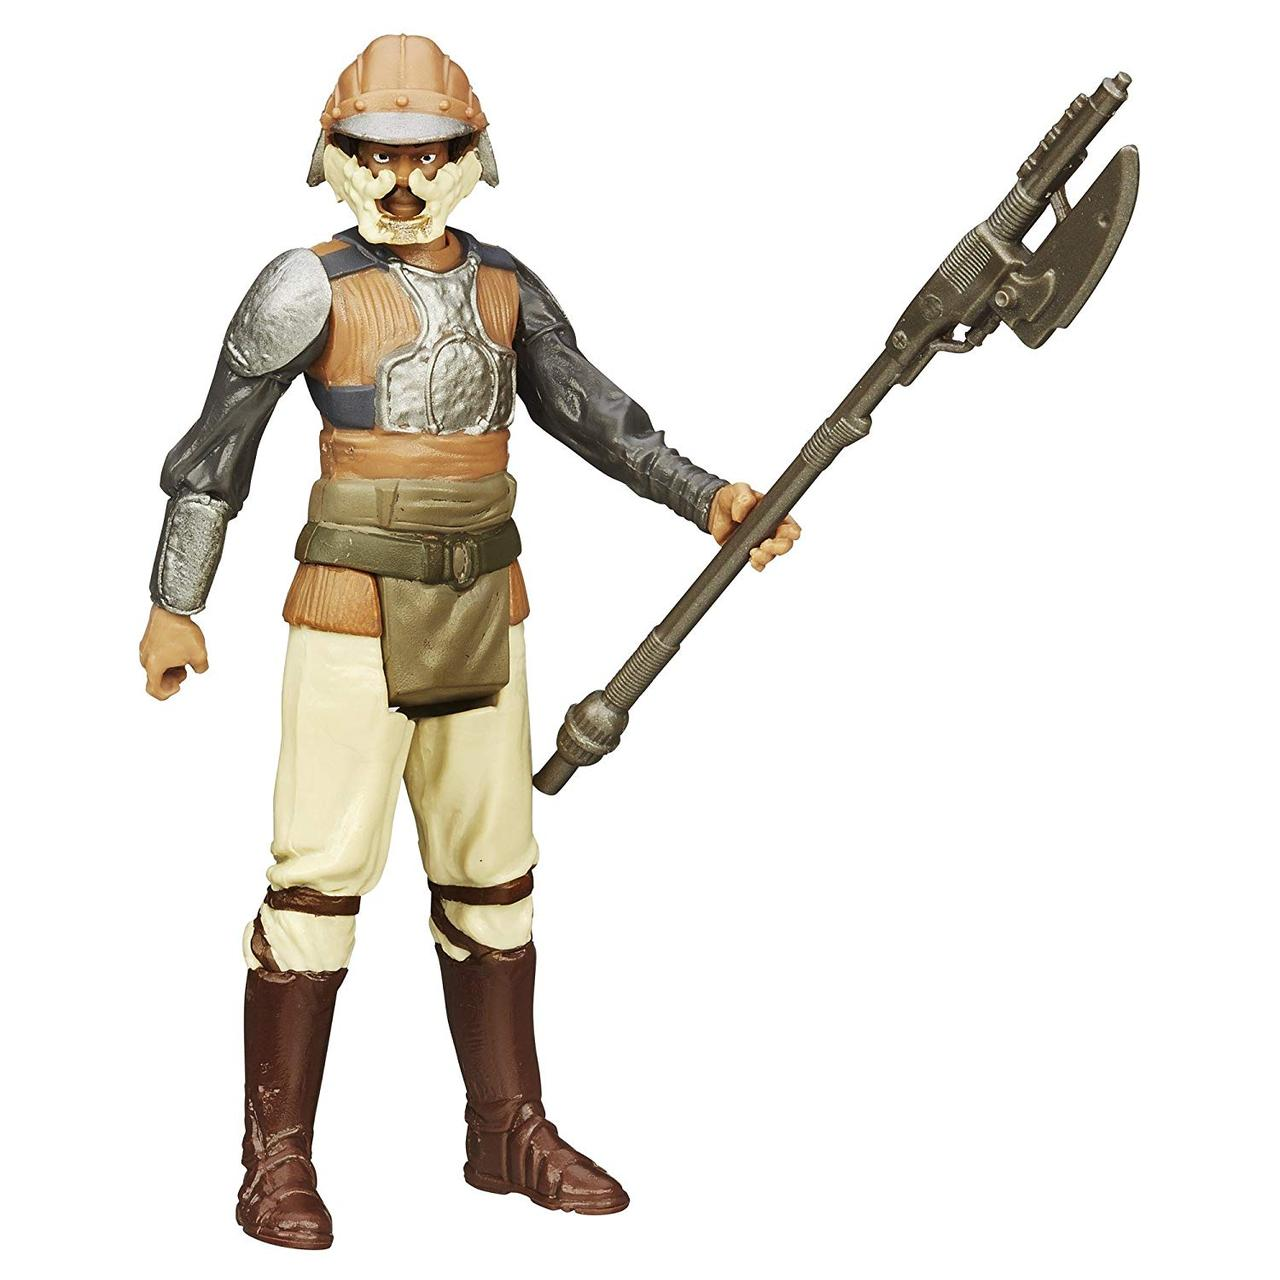 Звездные войны Фигурка Лэндо Калриссиан 9,5 см Star Wars. Оригинал Hasbro B0685/A3857